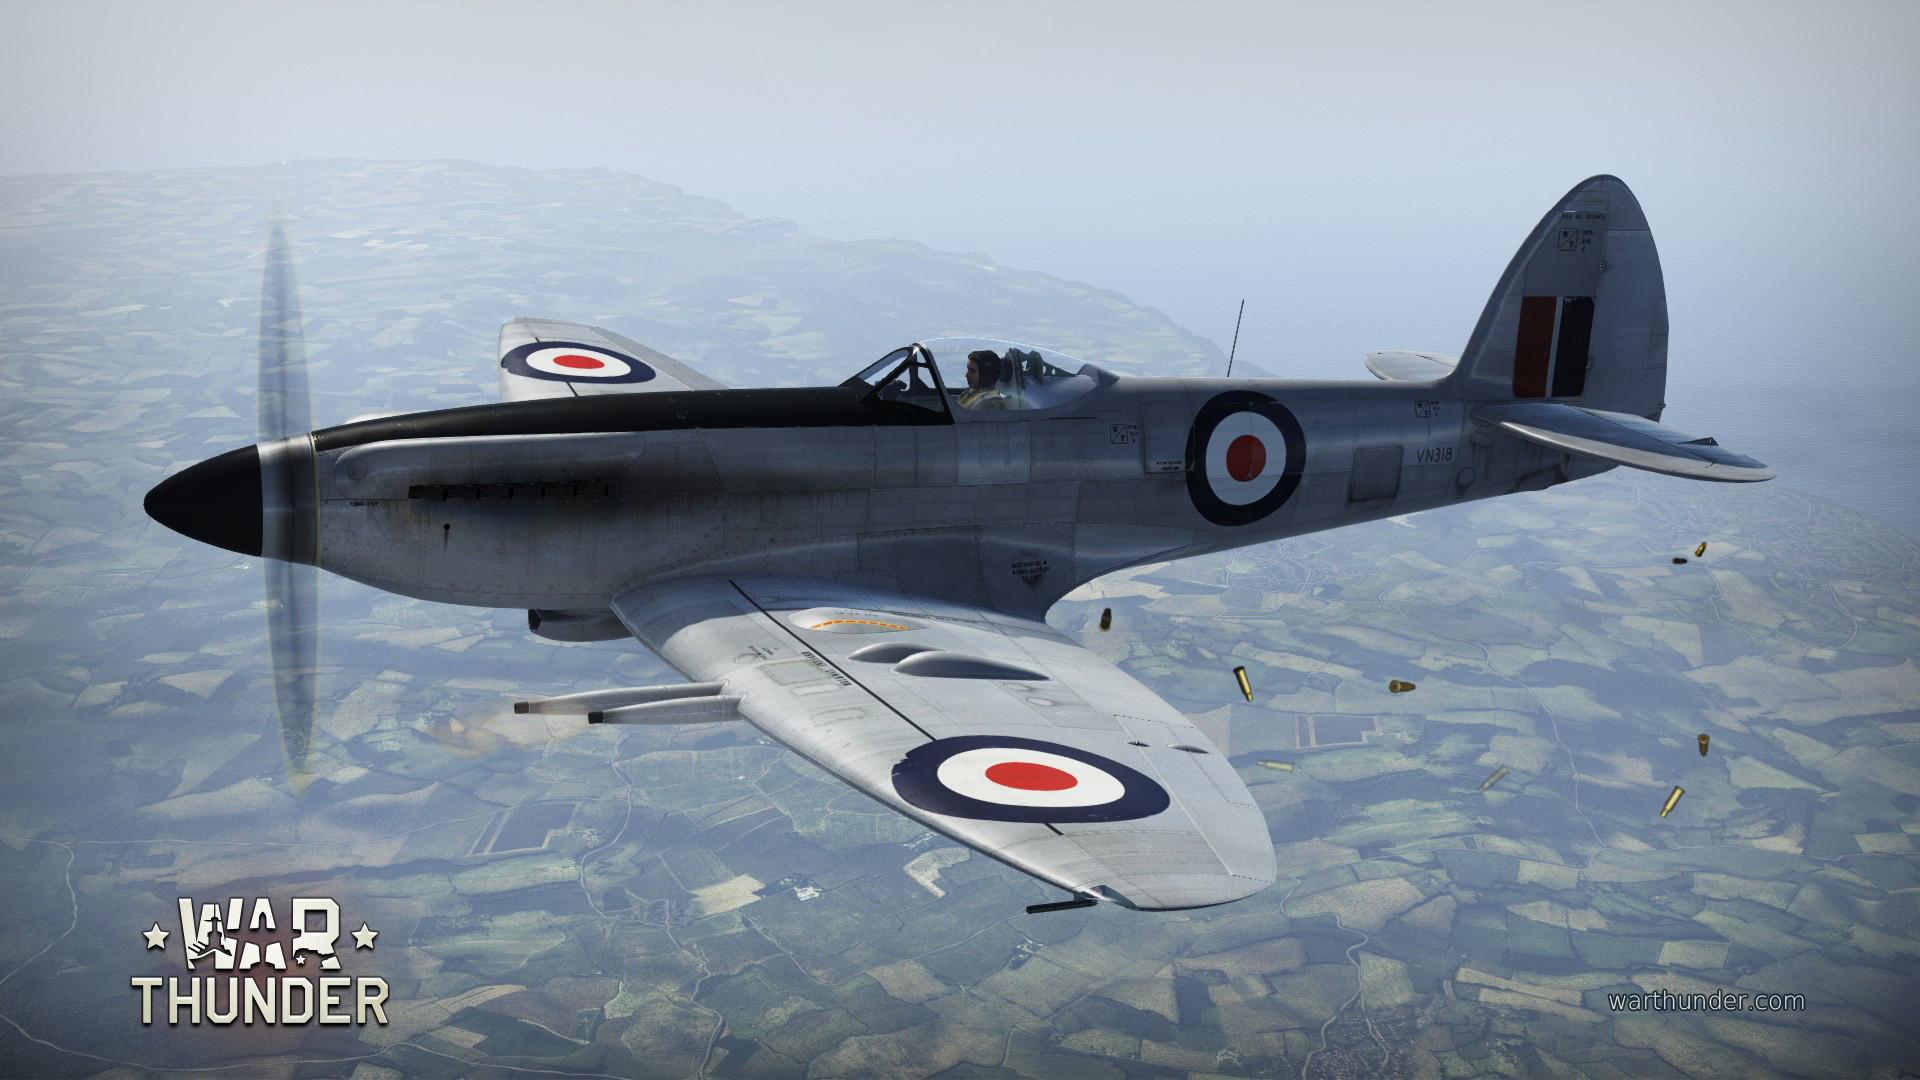 Spitfire Backgrounds 64 Images